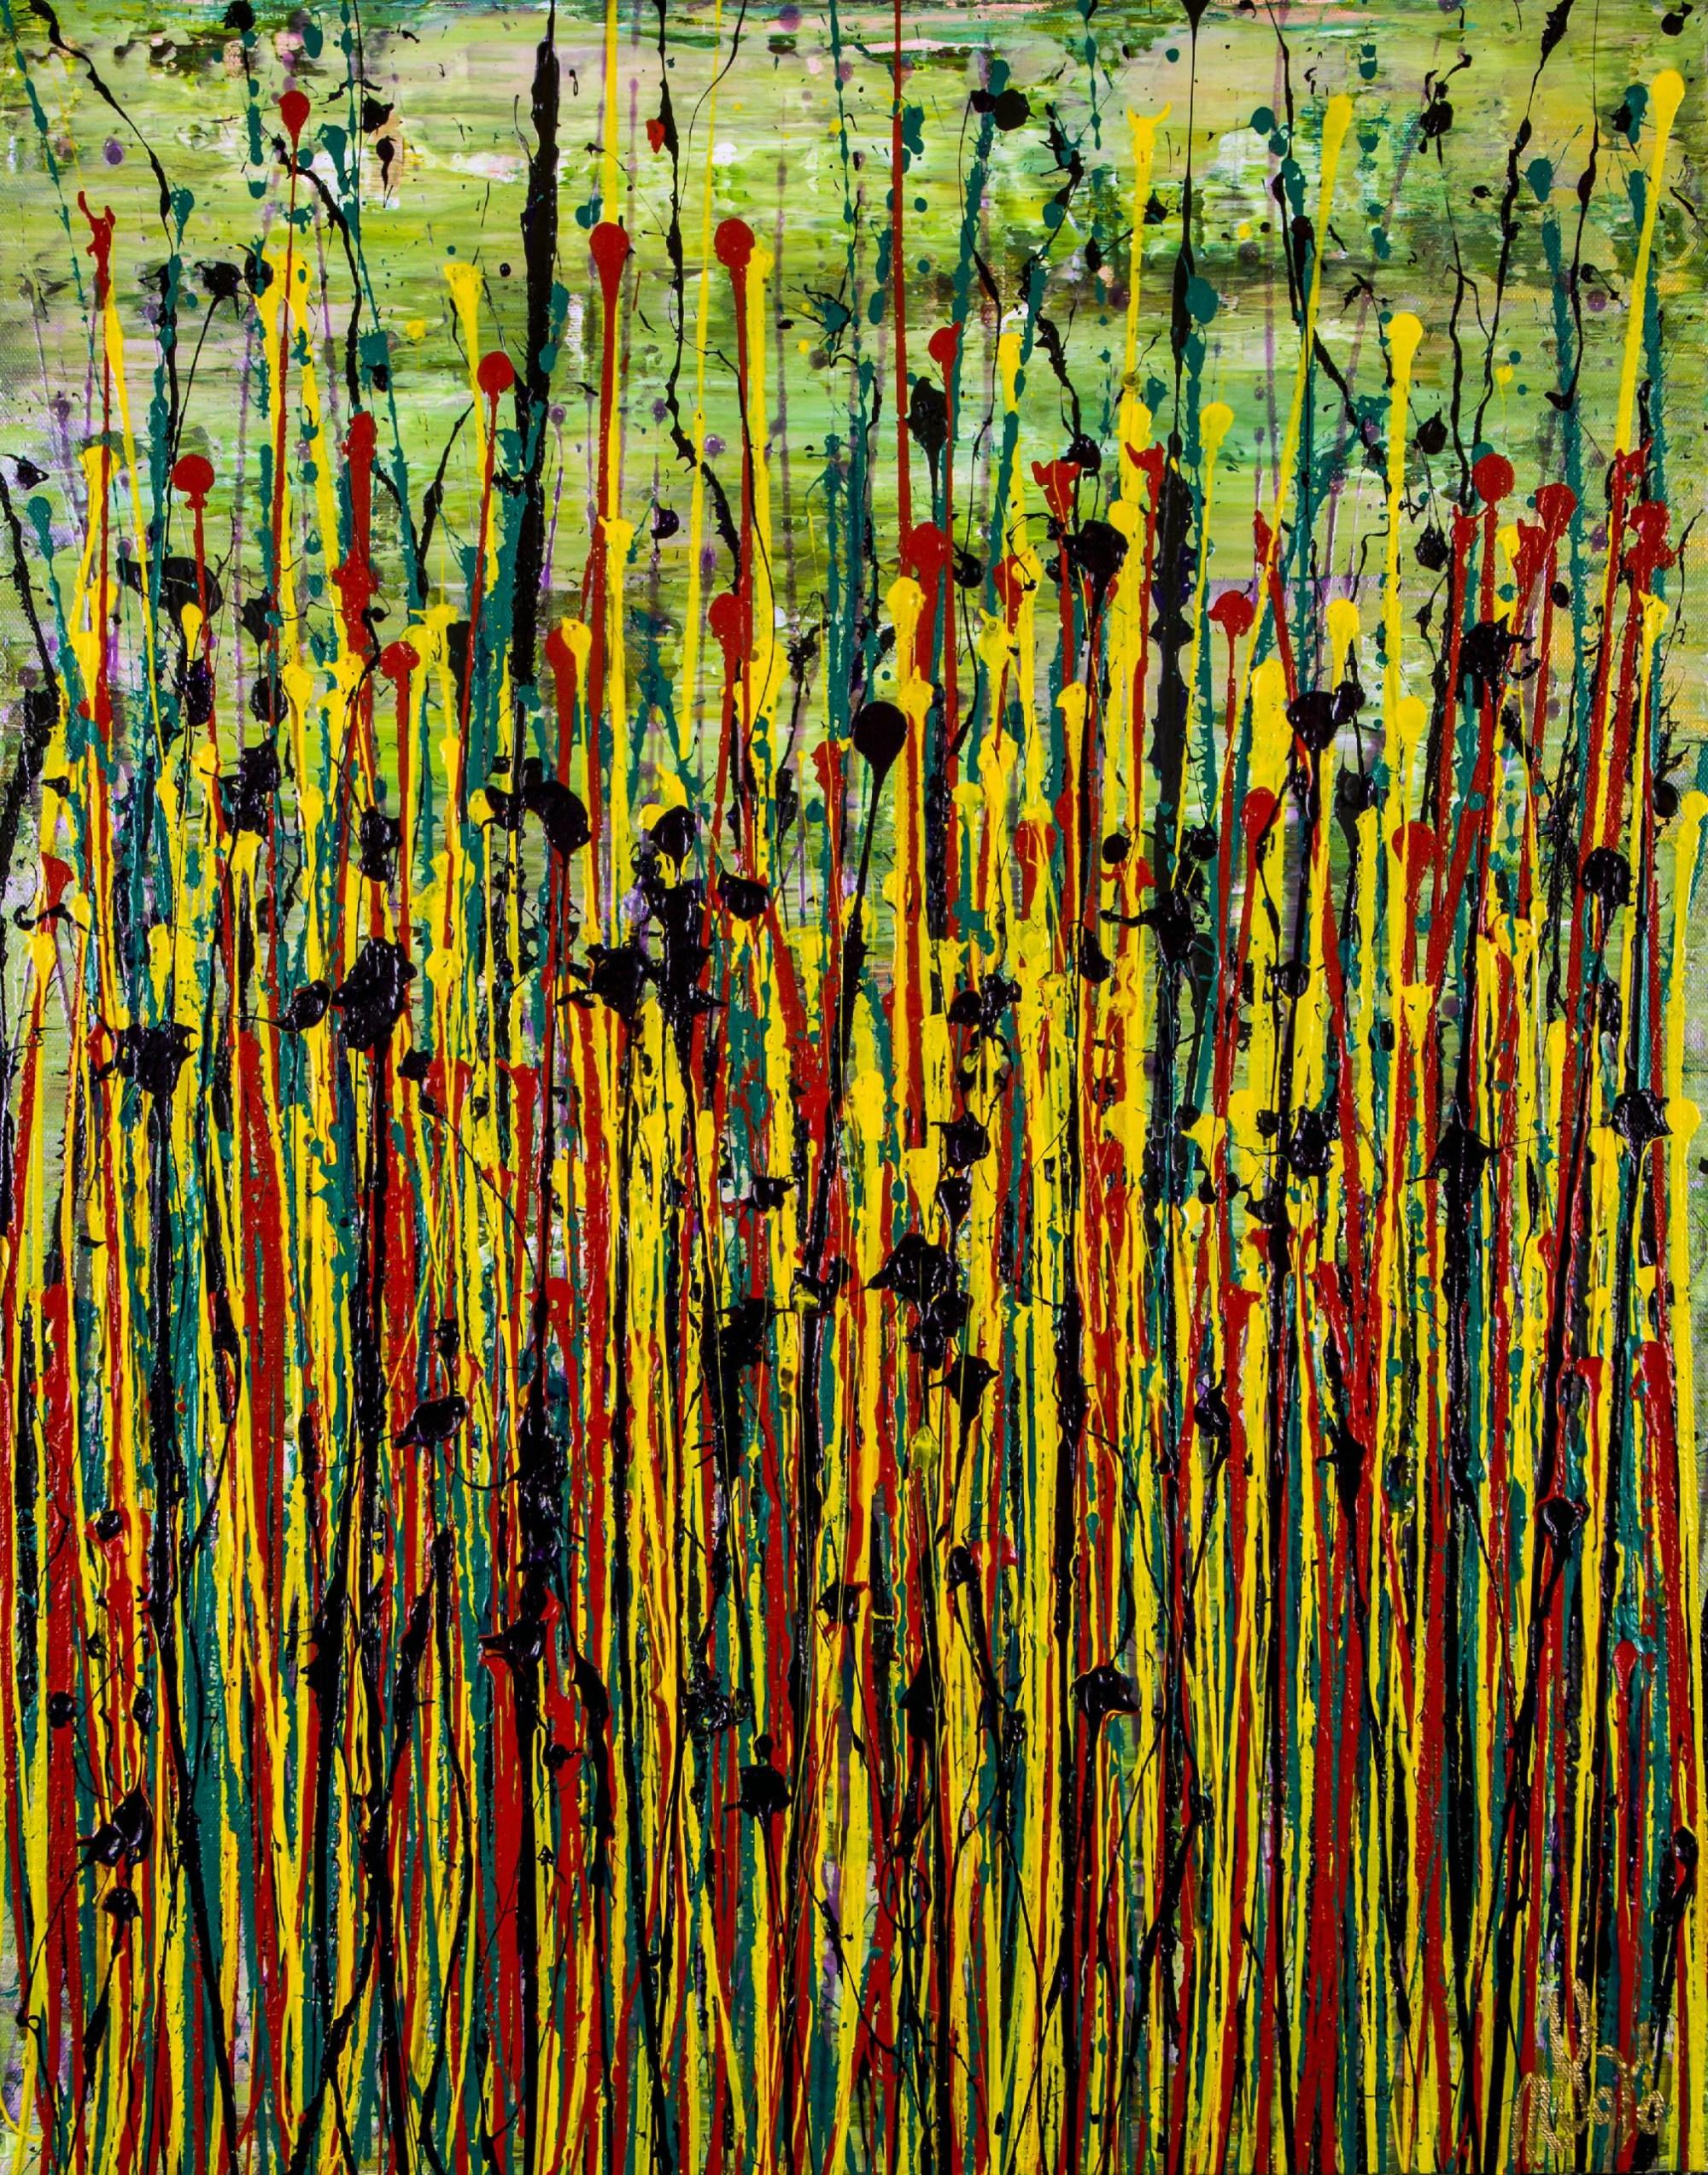 SOLD - Daydream panorama (Natures Imagery) 24 (2021) by Nestor Toro